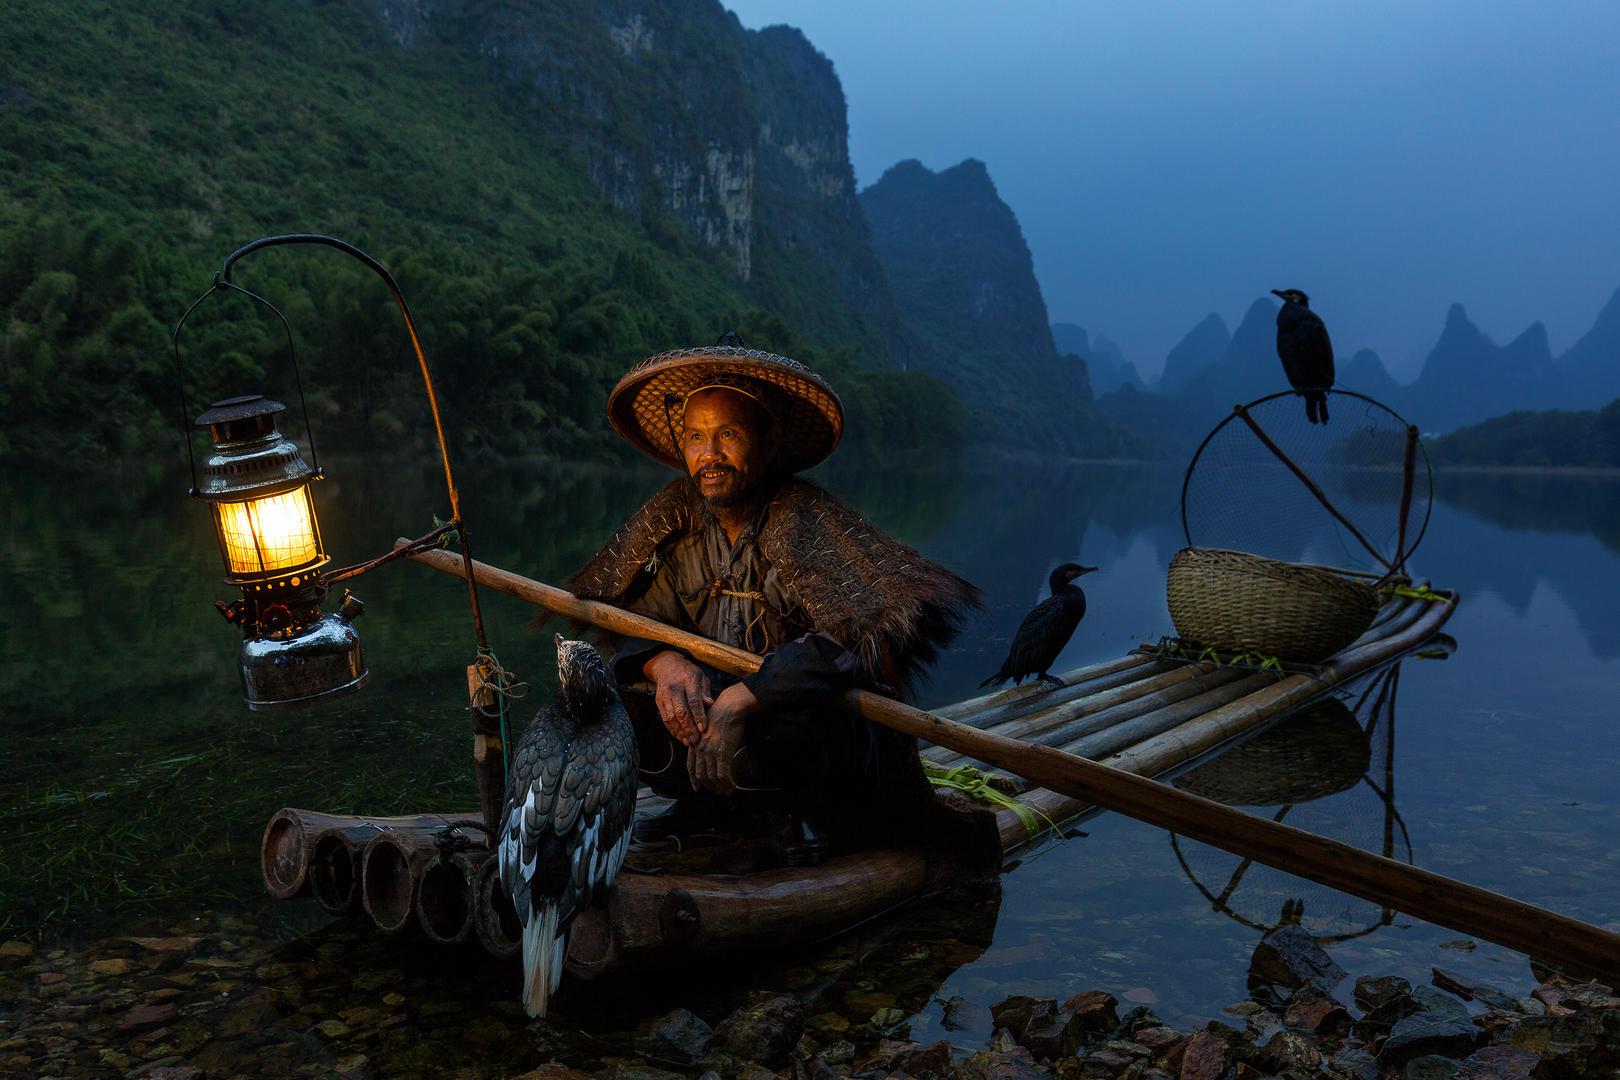 Рыбак с бакланами, © Дуангмон С., 3 место зрительного голосования, Фотофестиваль FIX